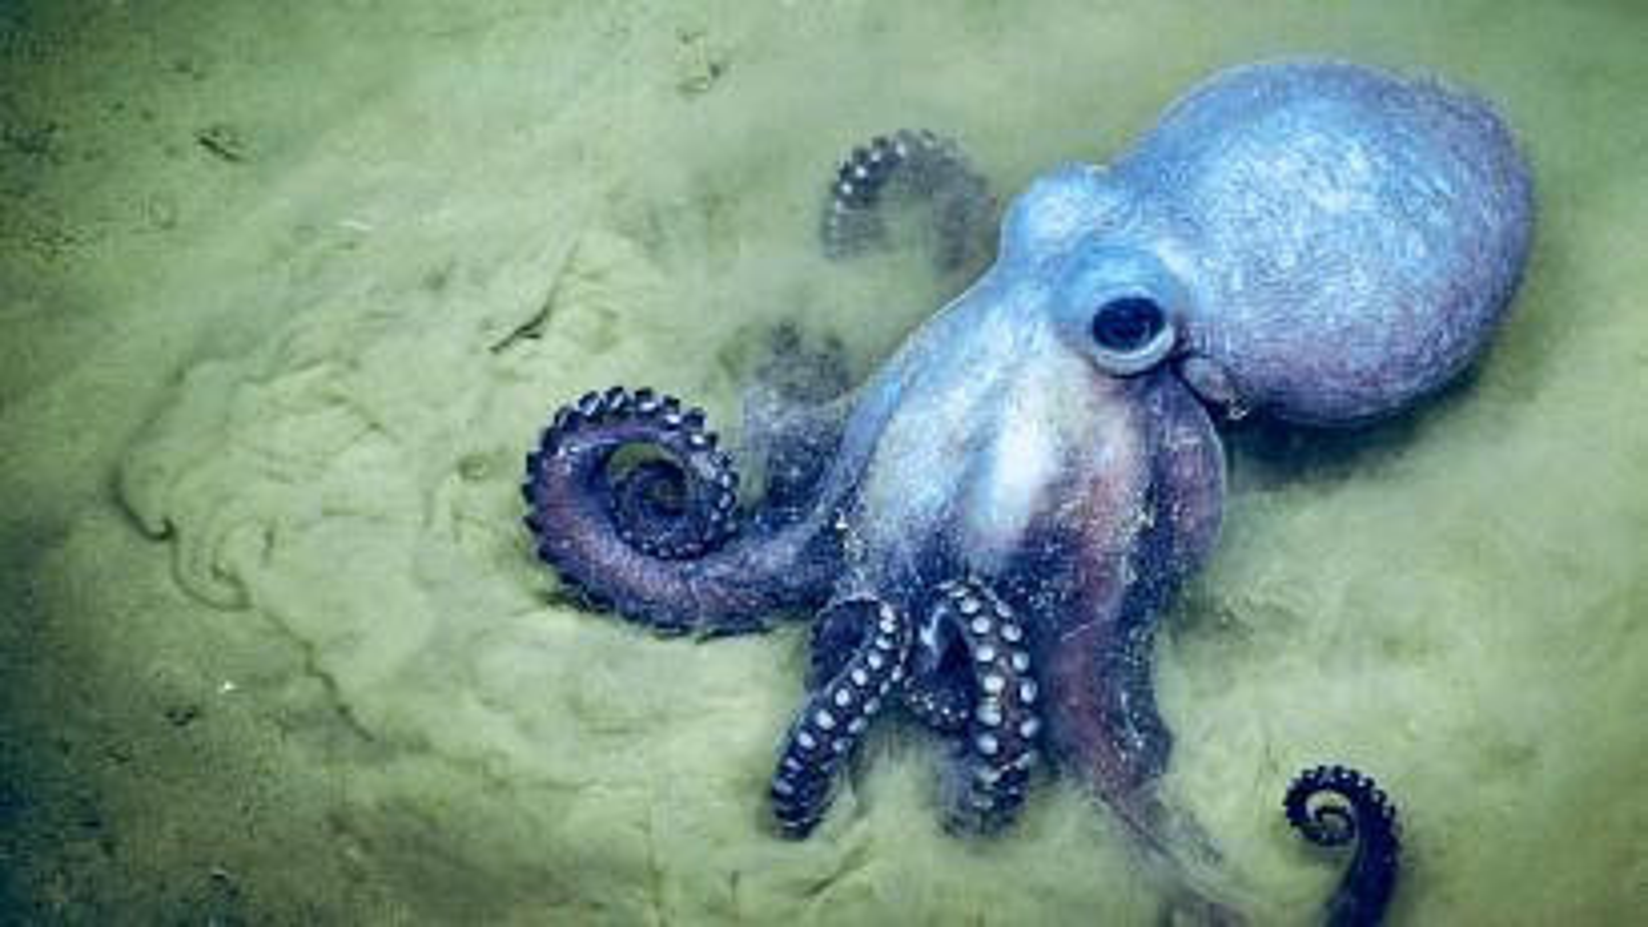 Octopus underwater.